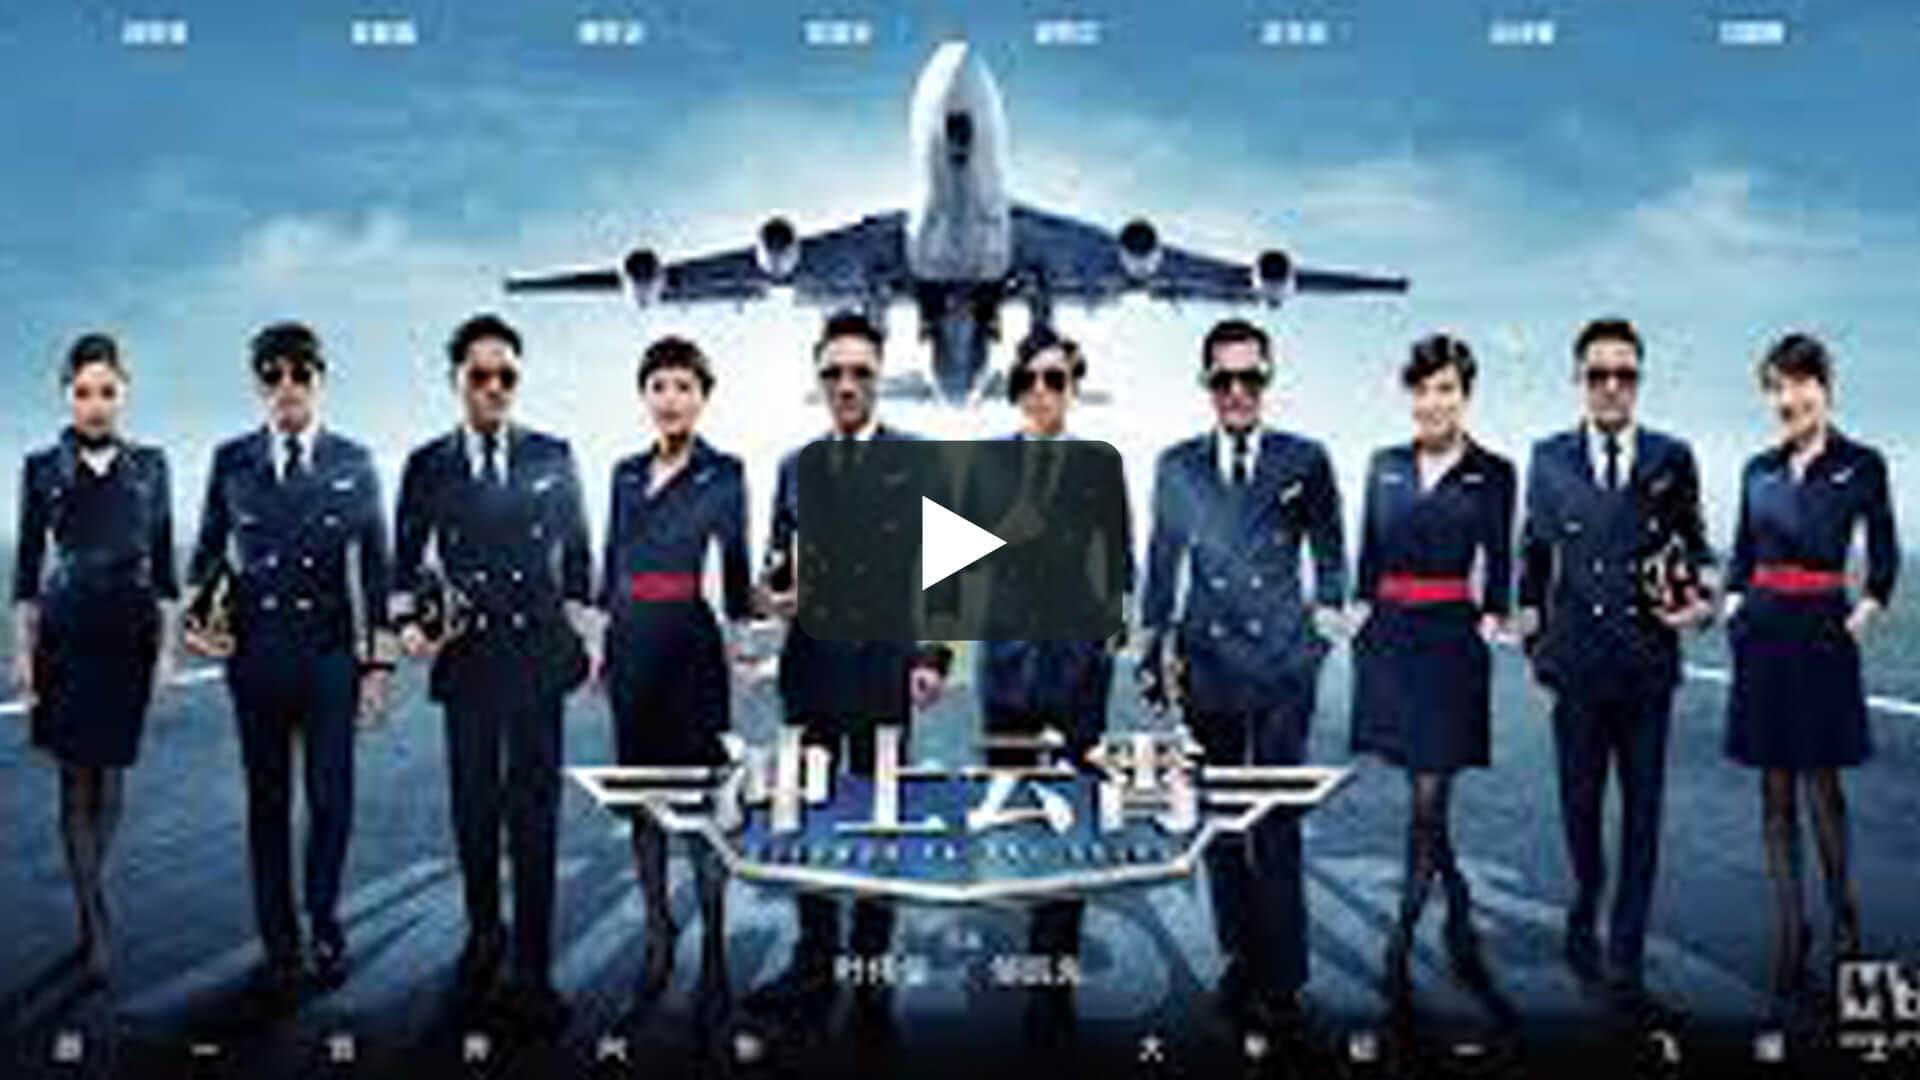 衝上雲霄 - Triumph in the Skies